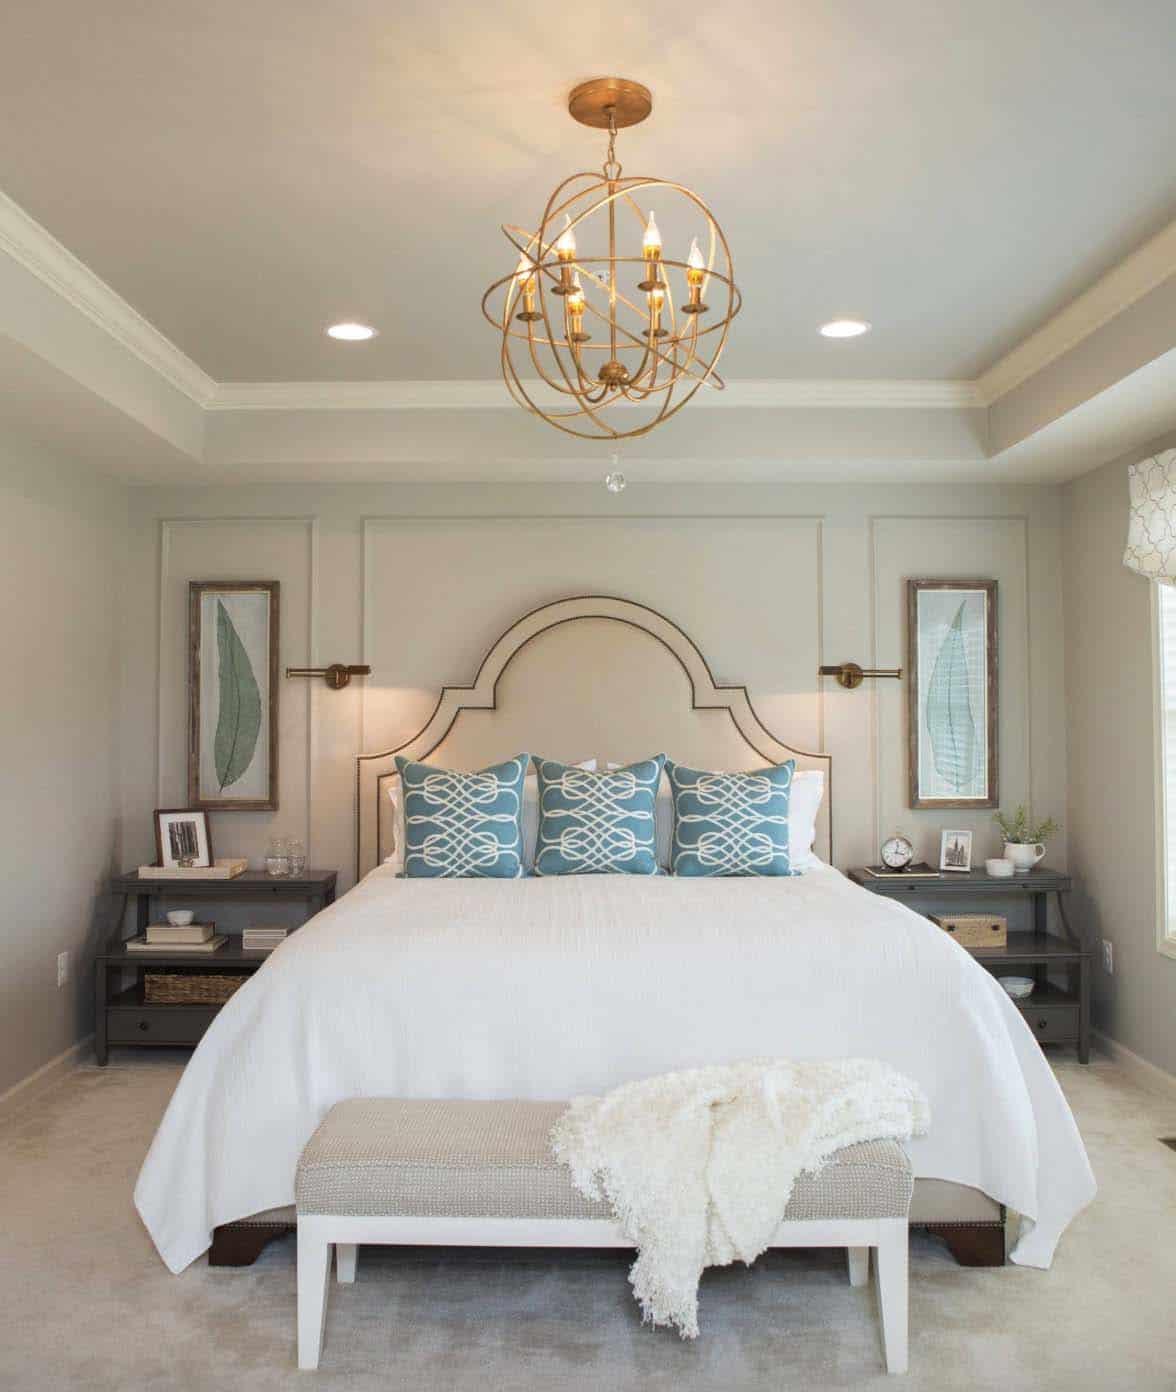 20+ Serene And Elegant Master Bedroom Decorating Ideas on Master Bedroom Ideas  id=70890